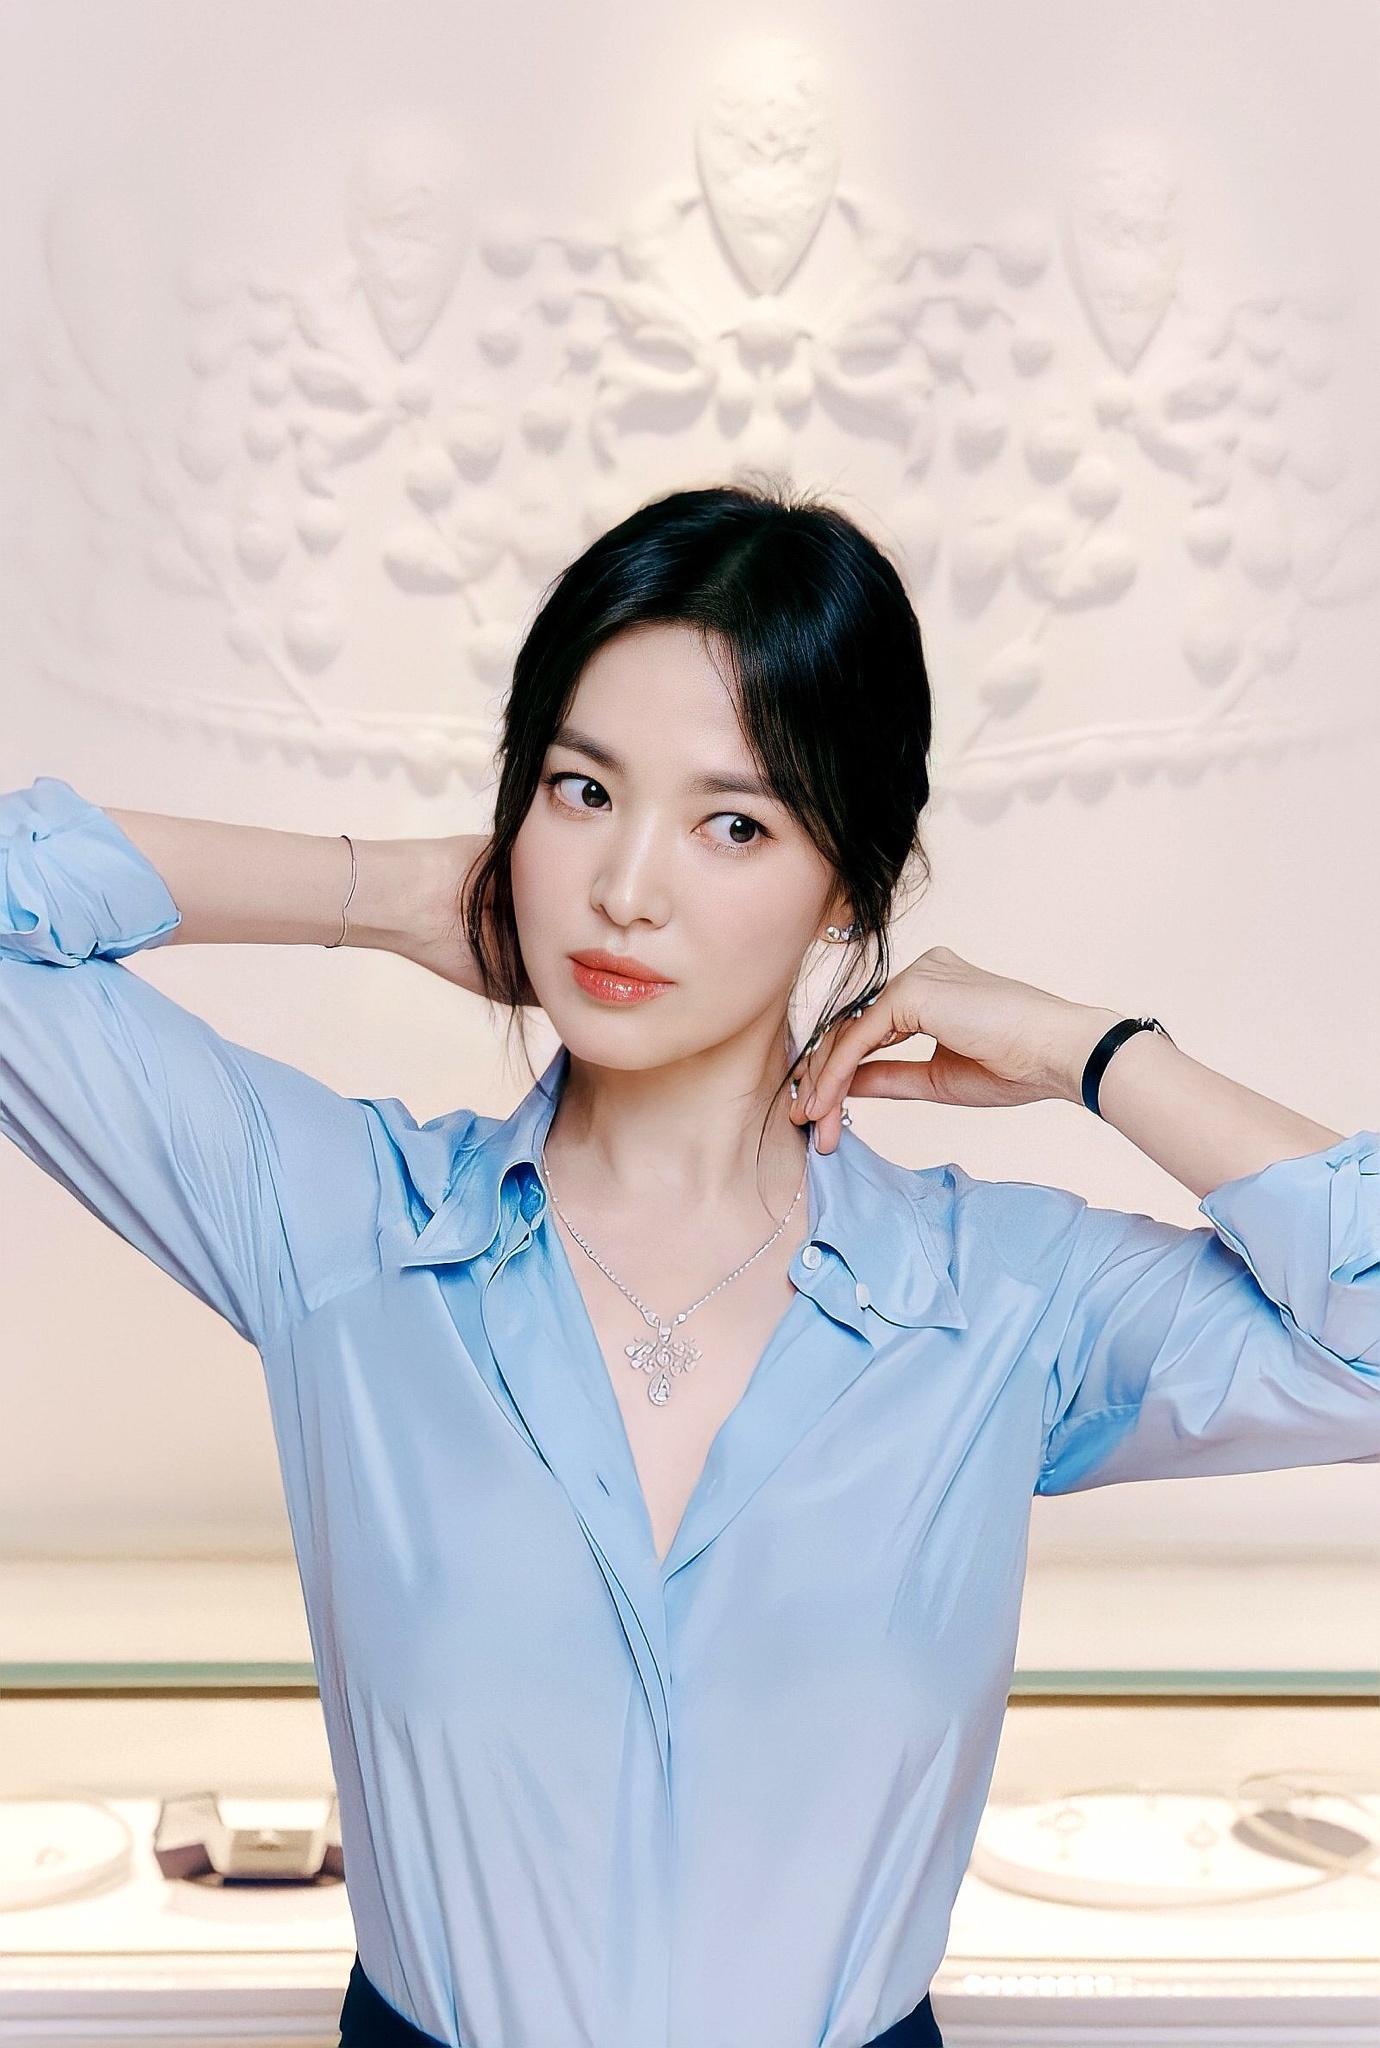 Harpers Bazaar nhận xét Song Hye Kyo mạnh mẽ như một bông hoa dại, vẫn tỏa sáng dù gặp nhiều sóng gió. Ảnh: Chaumet.